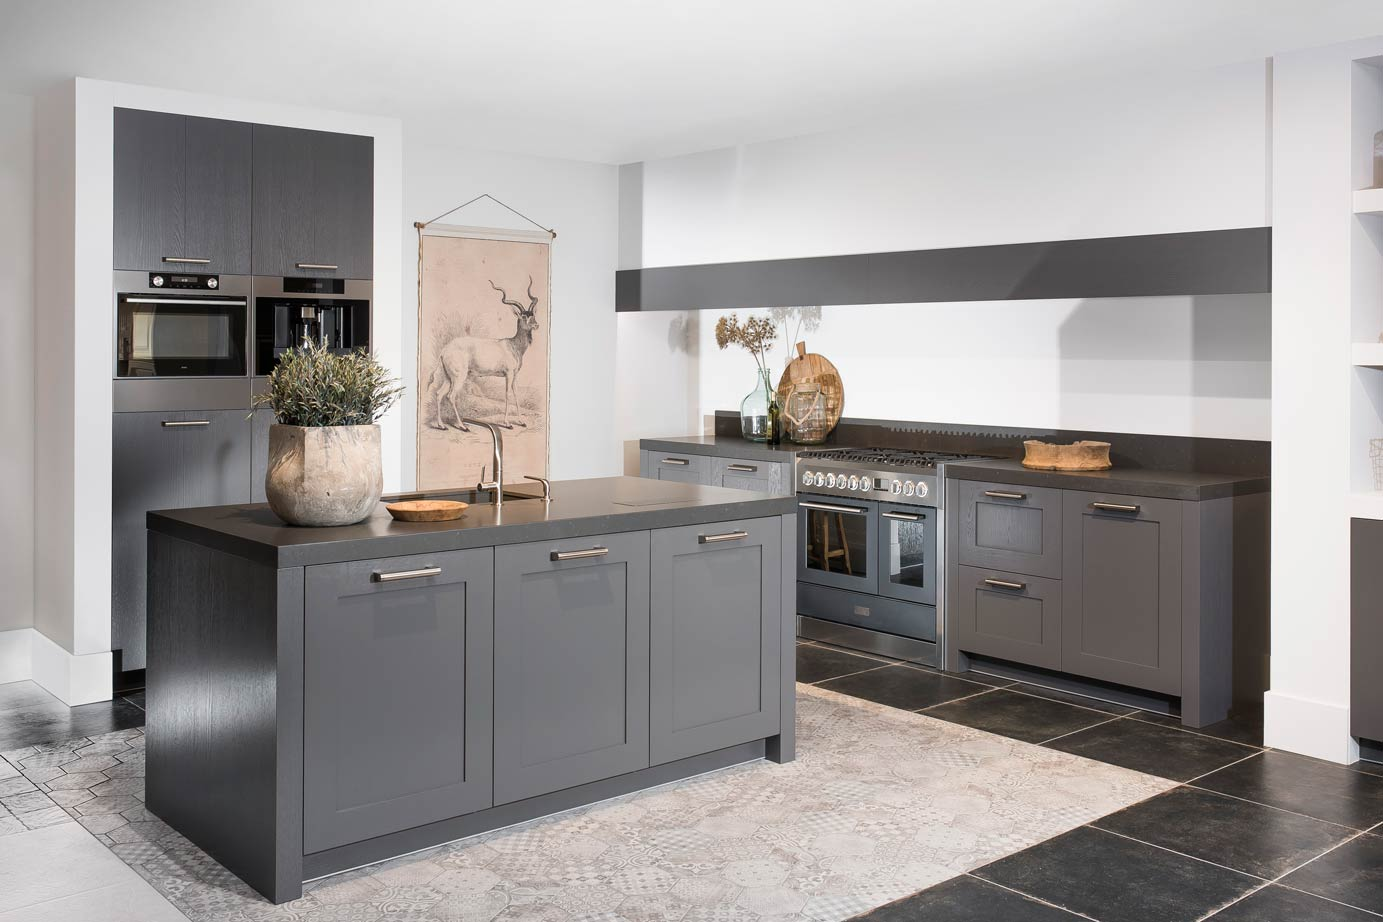 Groene Wandtegels Keuken : Keuken kleuren veel keus stijlen en prijzen arma